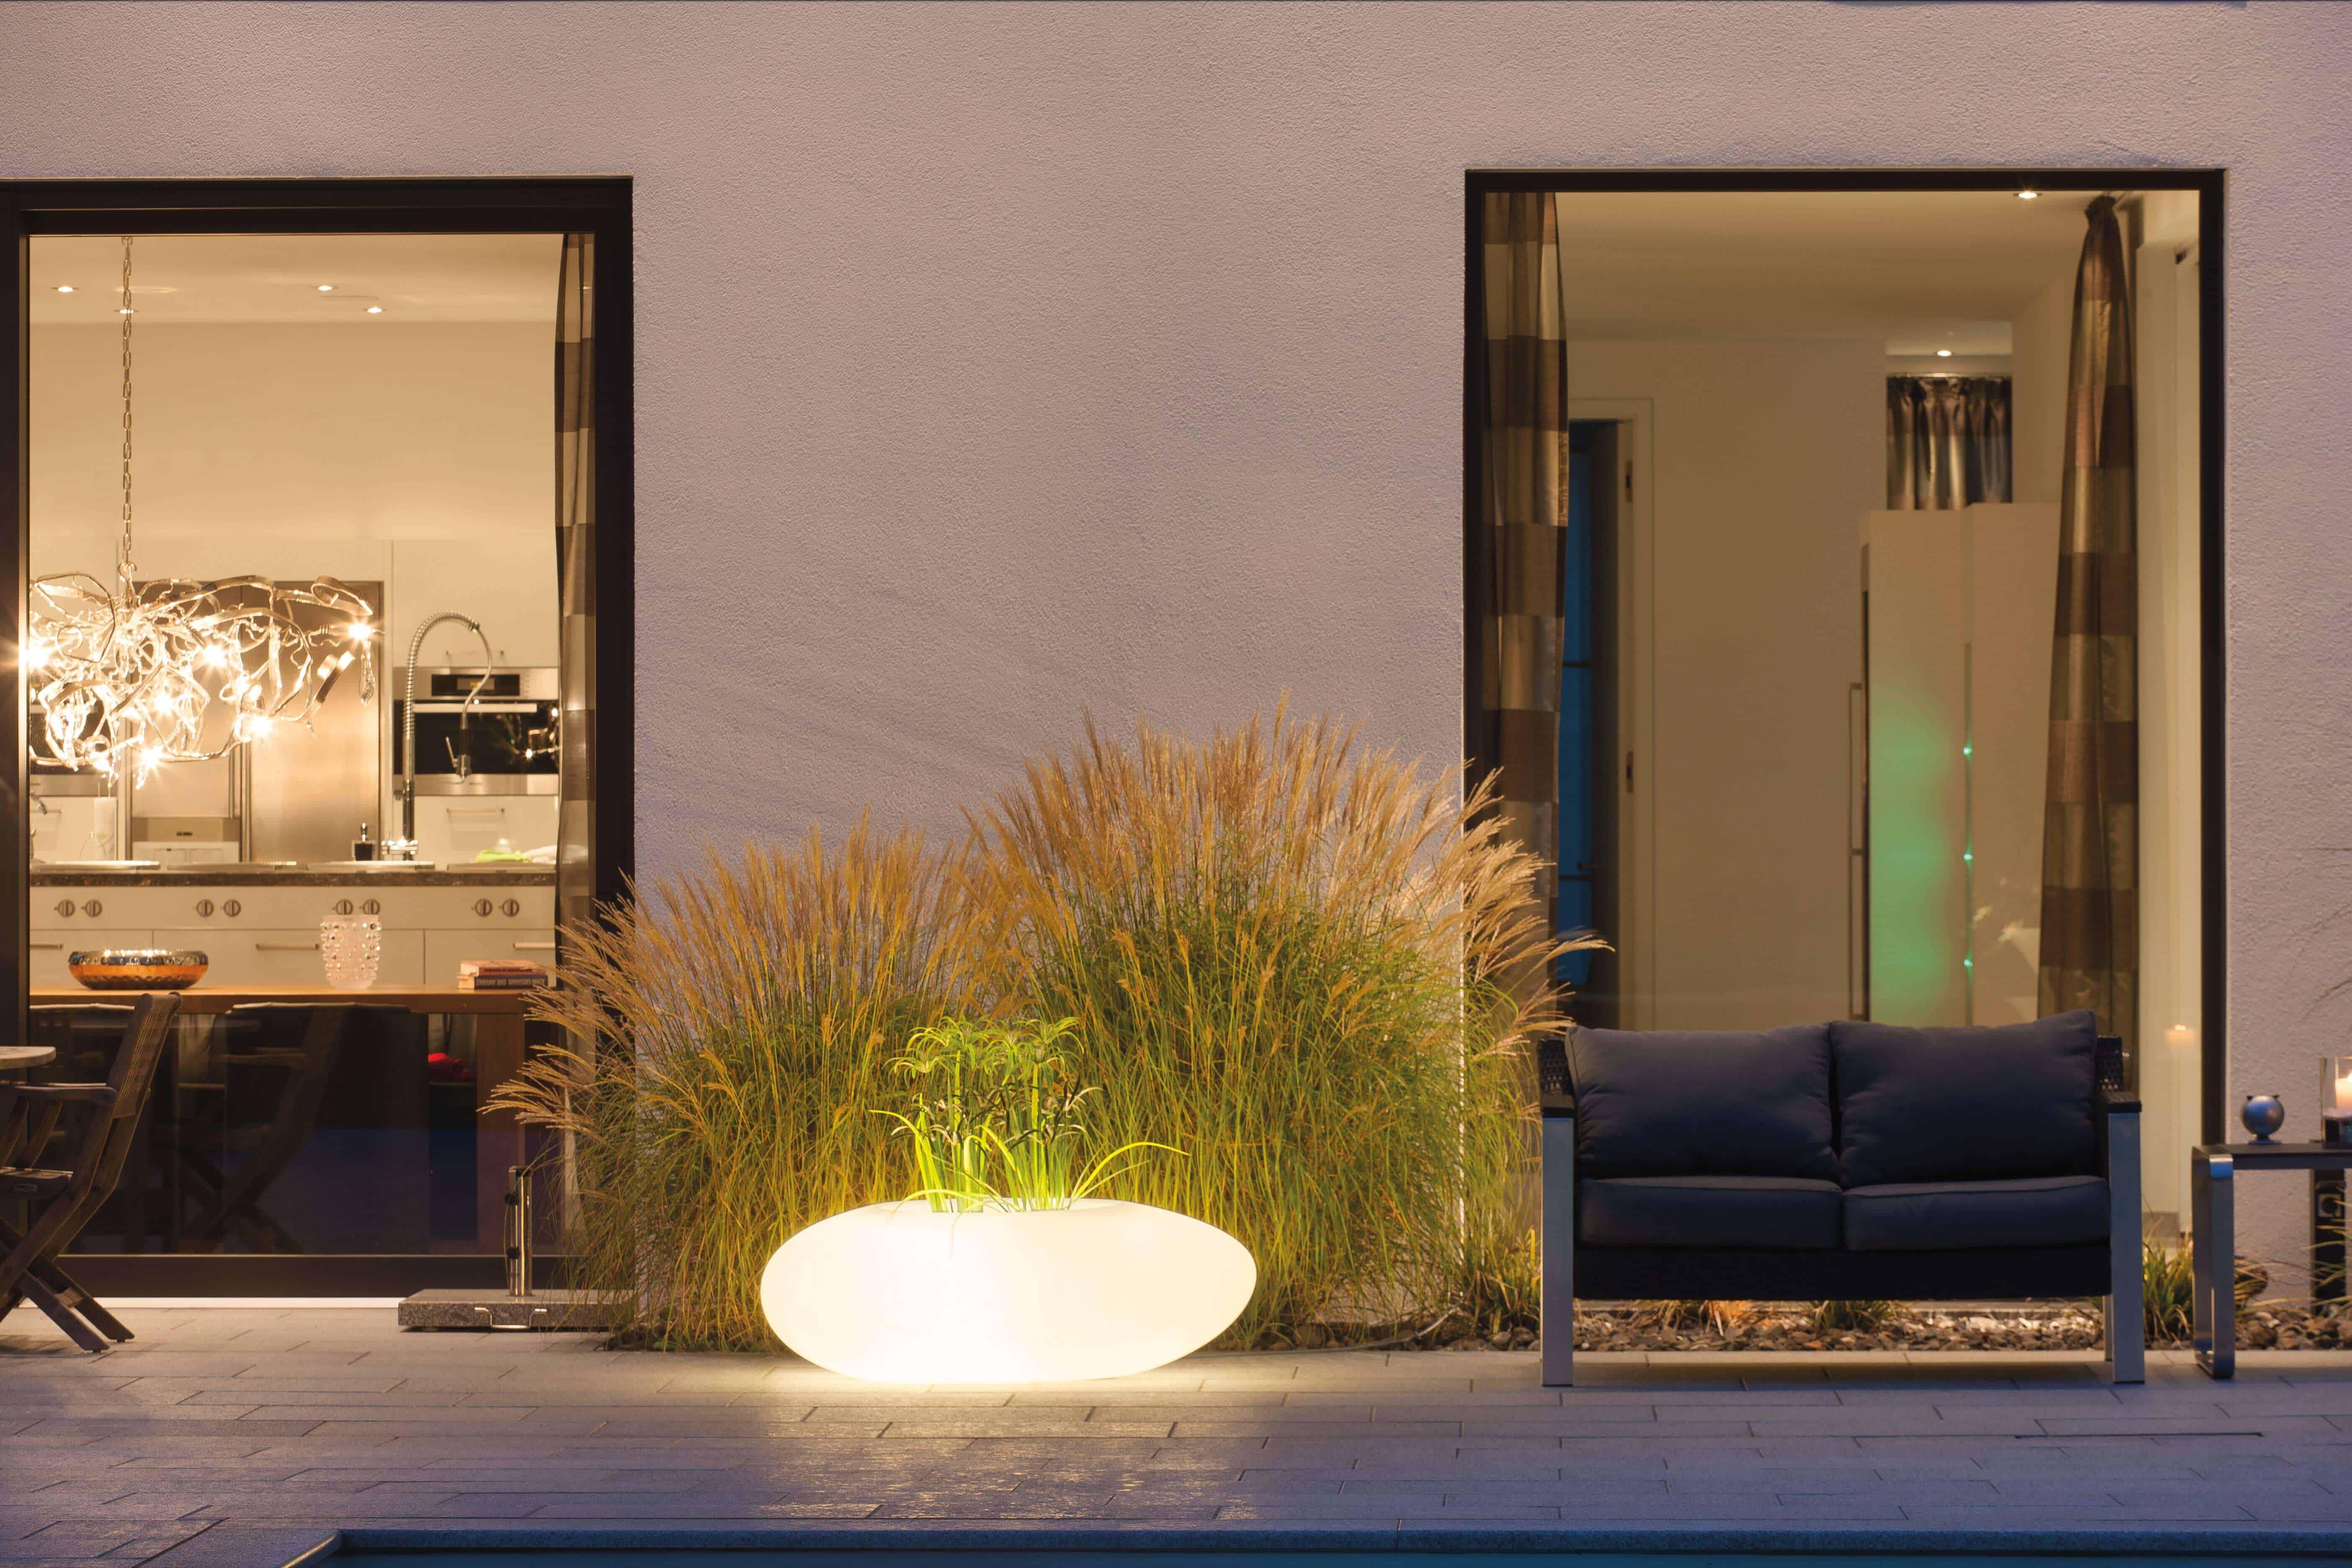 Verlichte bloempot/bloembak kleurt het terras mooi in